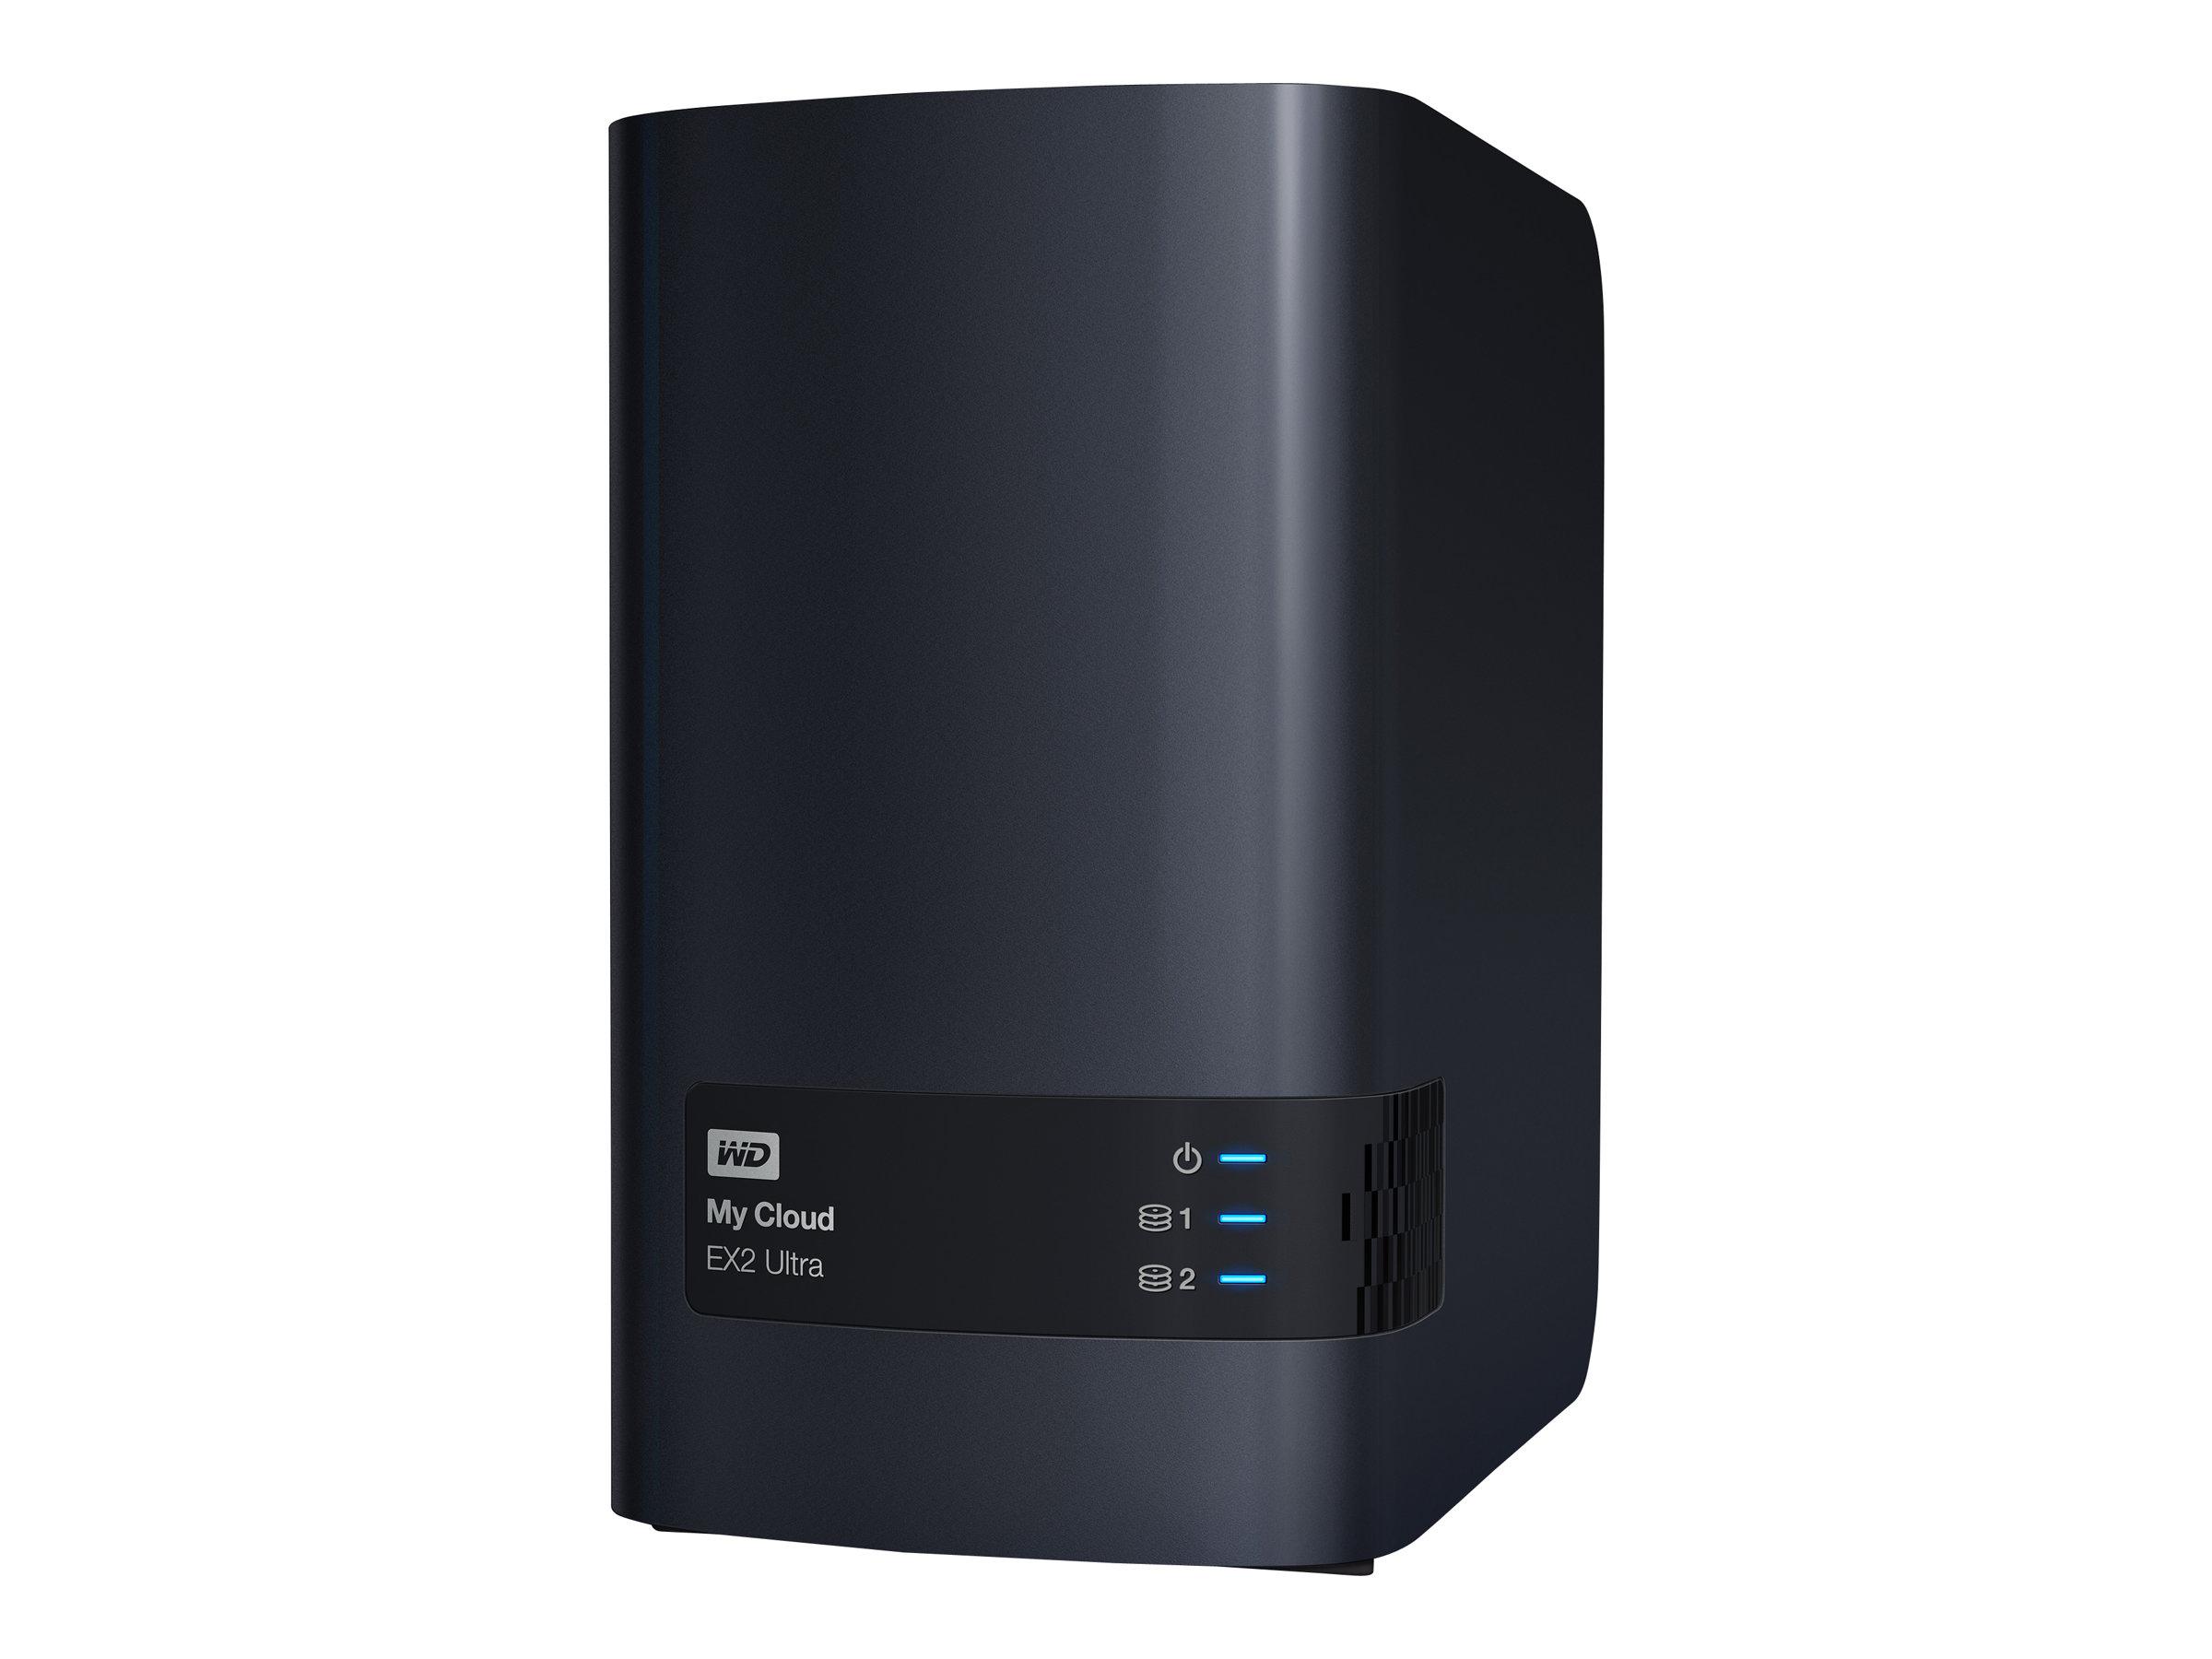 WD My Cloud EX2 Ultra WDBVBZ0000NCH - Gerät für persönlichen Cloudspeicher